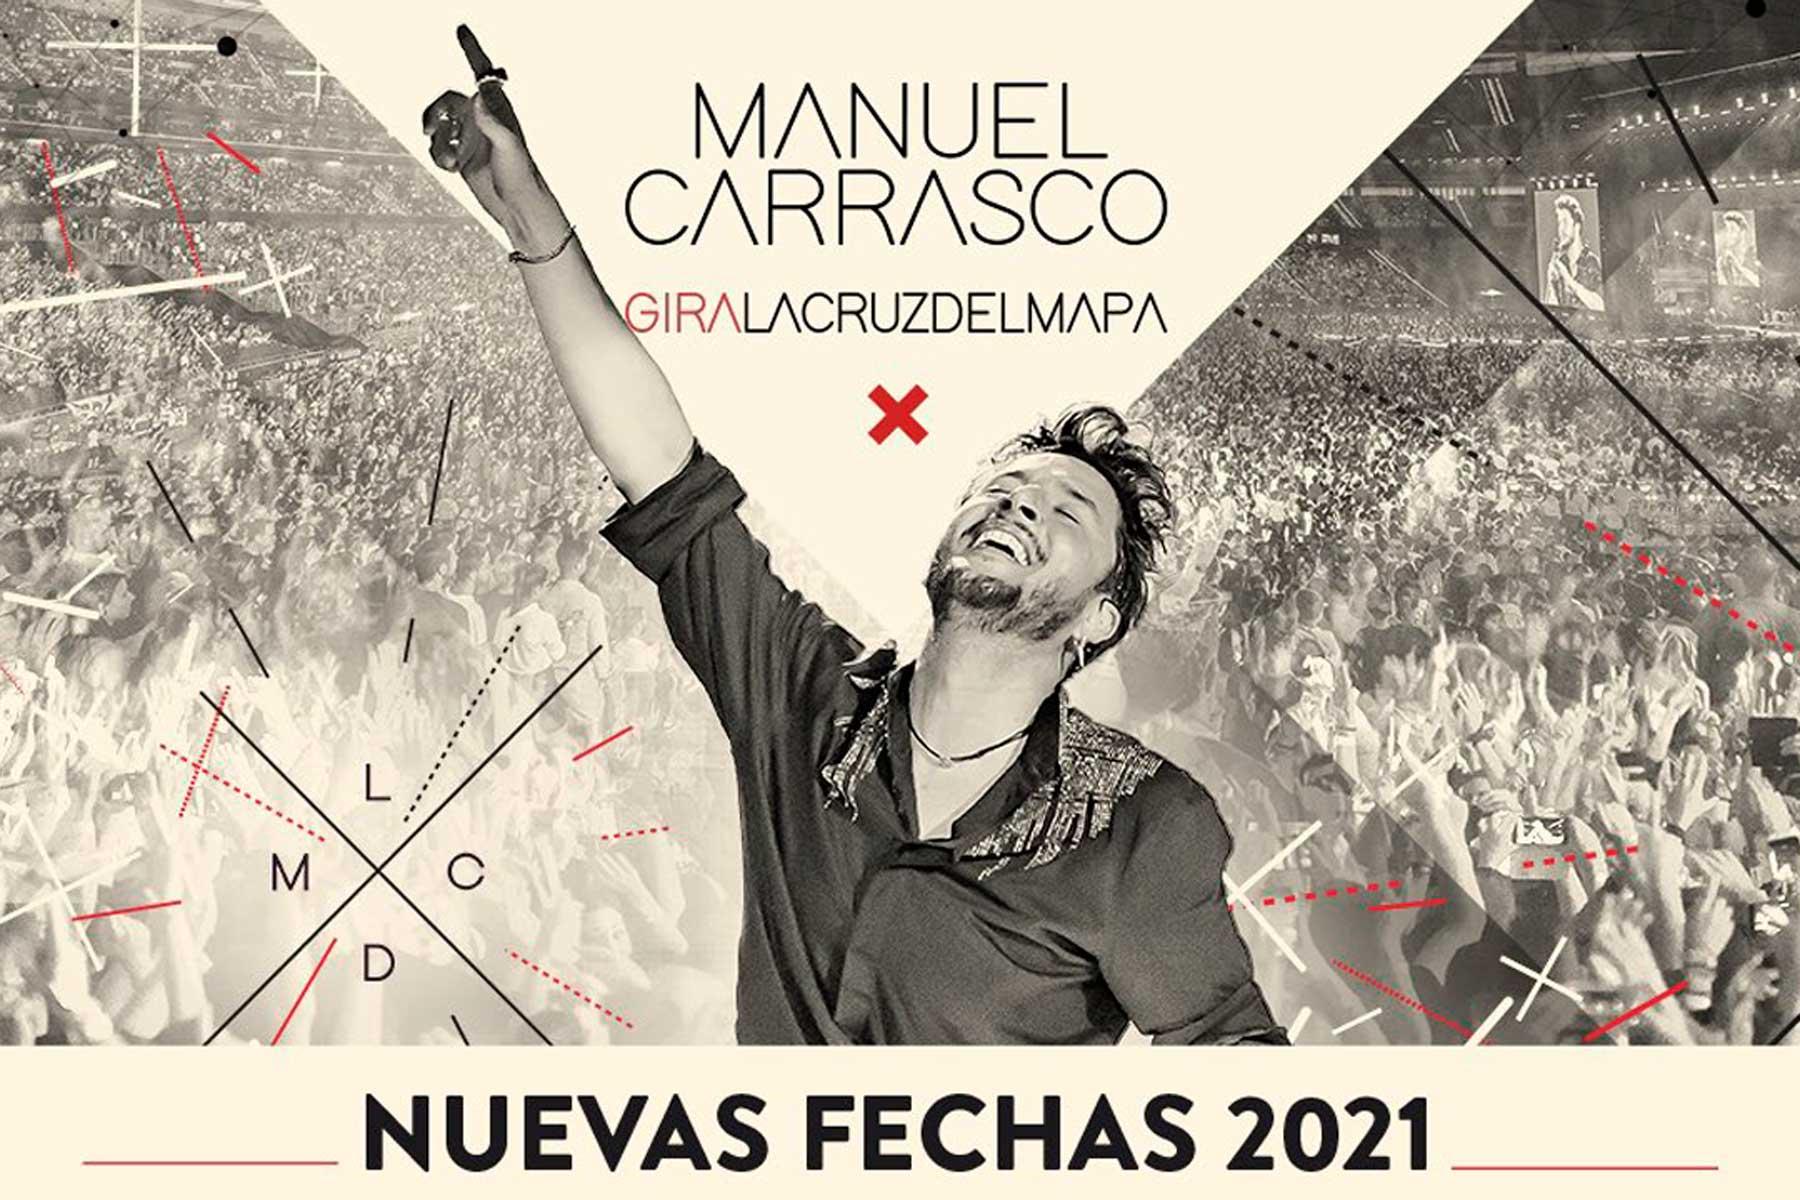 El artista ha decidido posponer los conciertos a 2021 debido a la situación de crisis sanitaria que vive el país